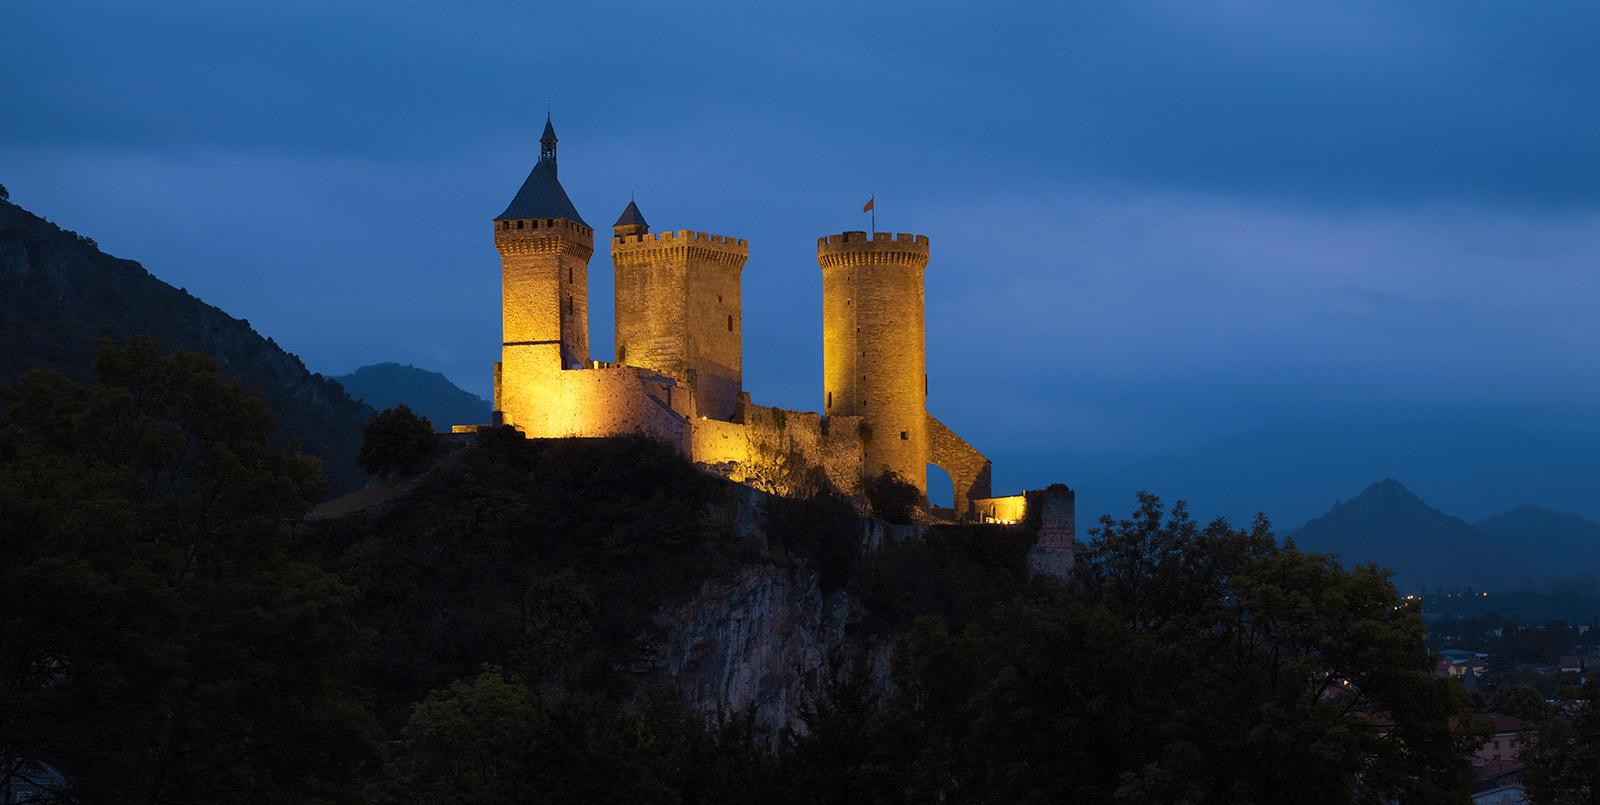 Chateau de foix 1600x805